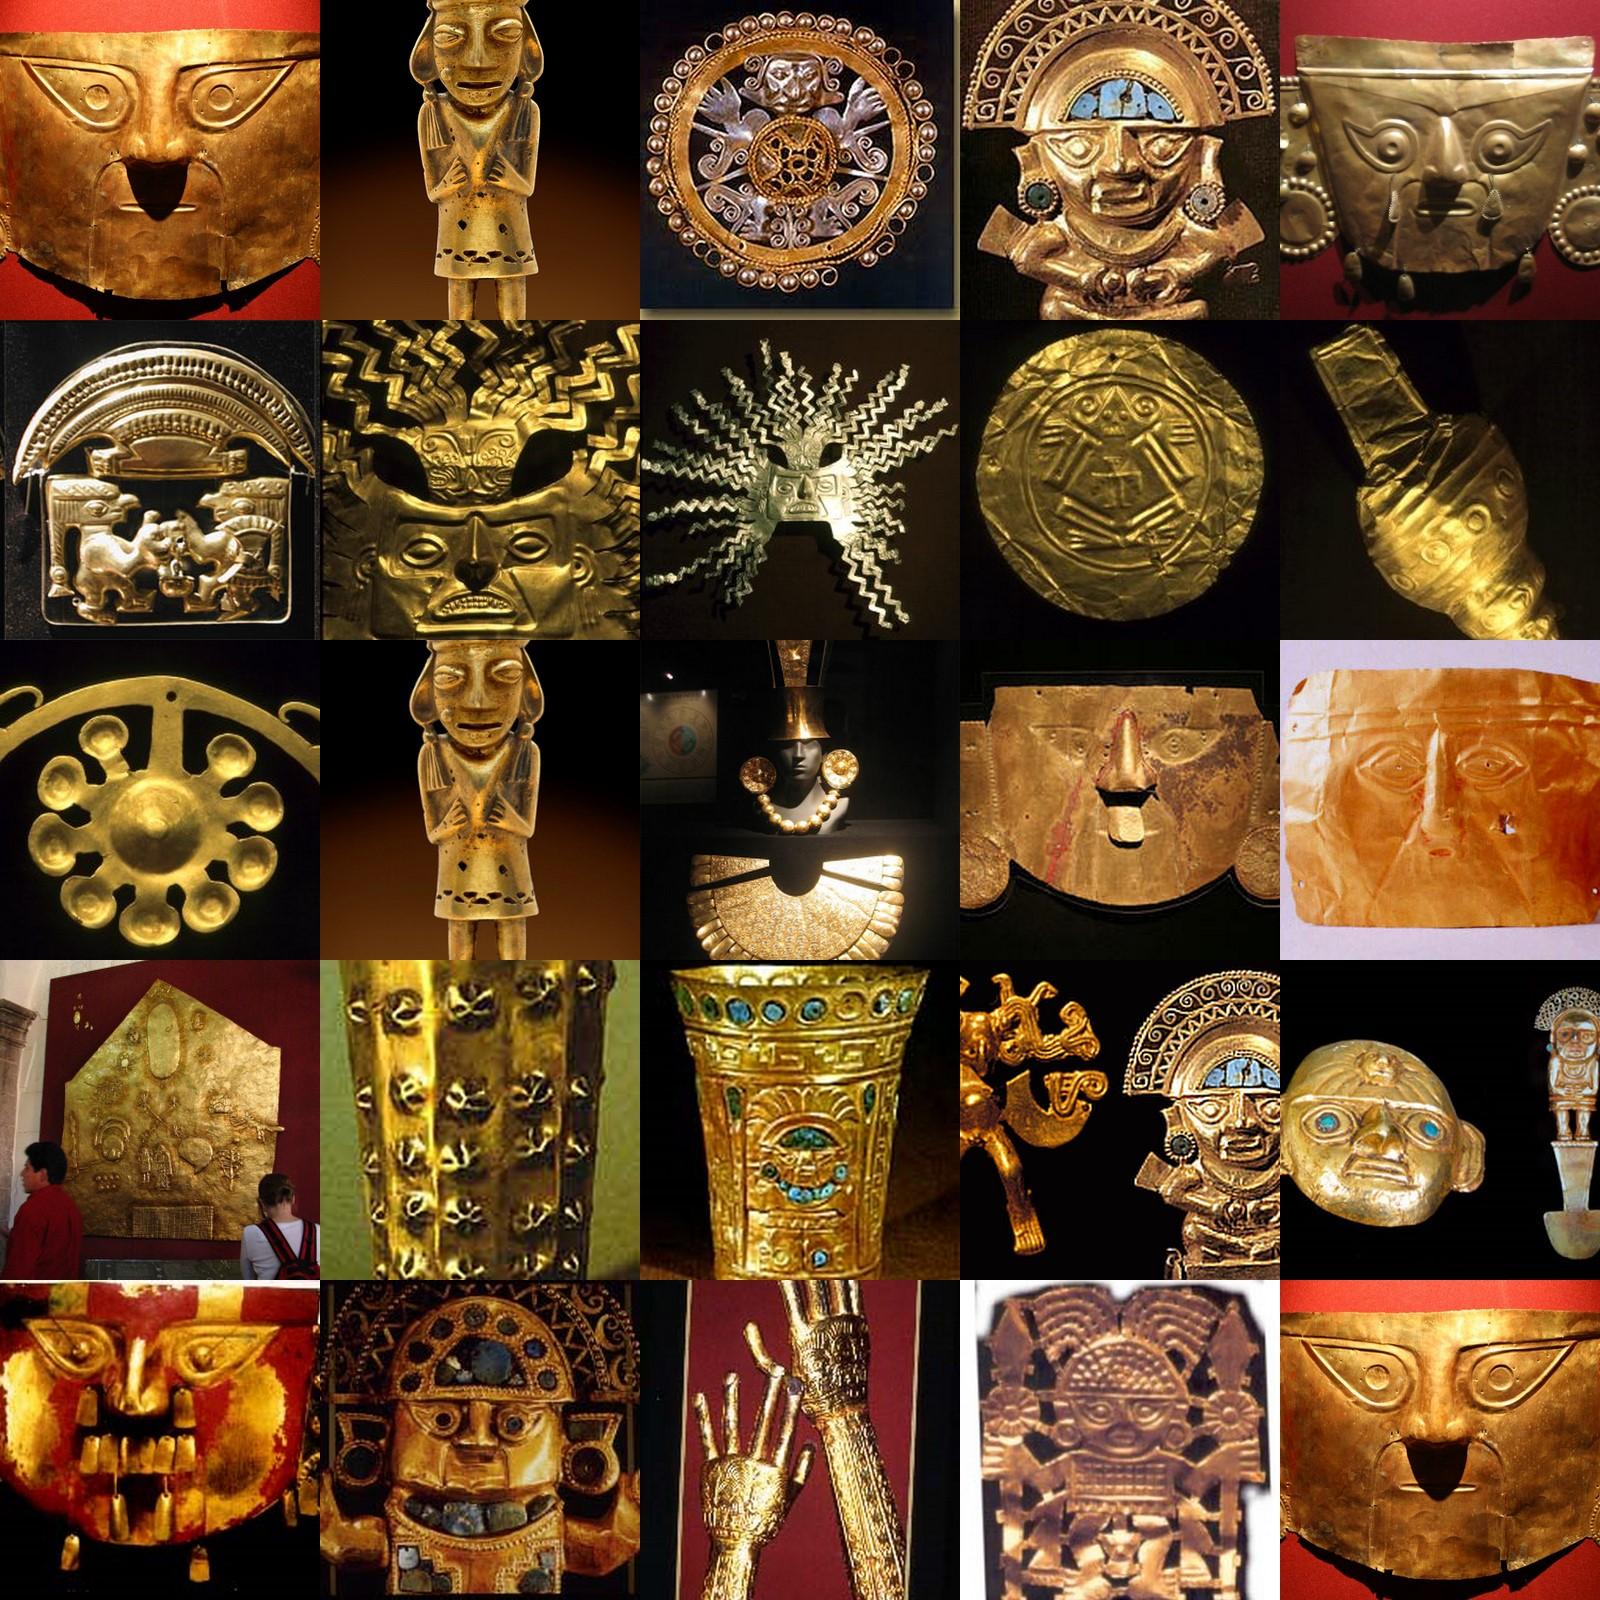 татуировки майя ацтеков индейские - Татуировки Майя Ацтеков Индейские ВКонтакте